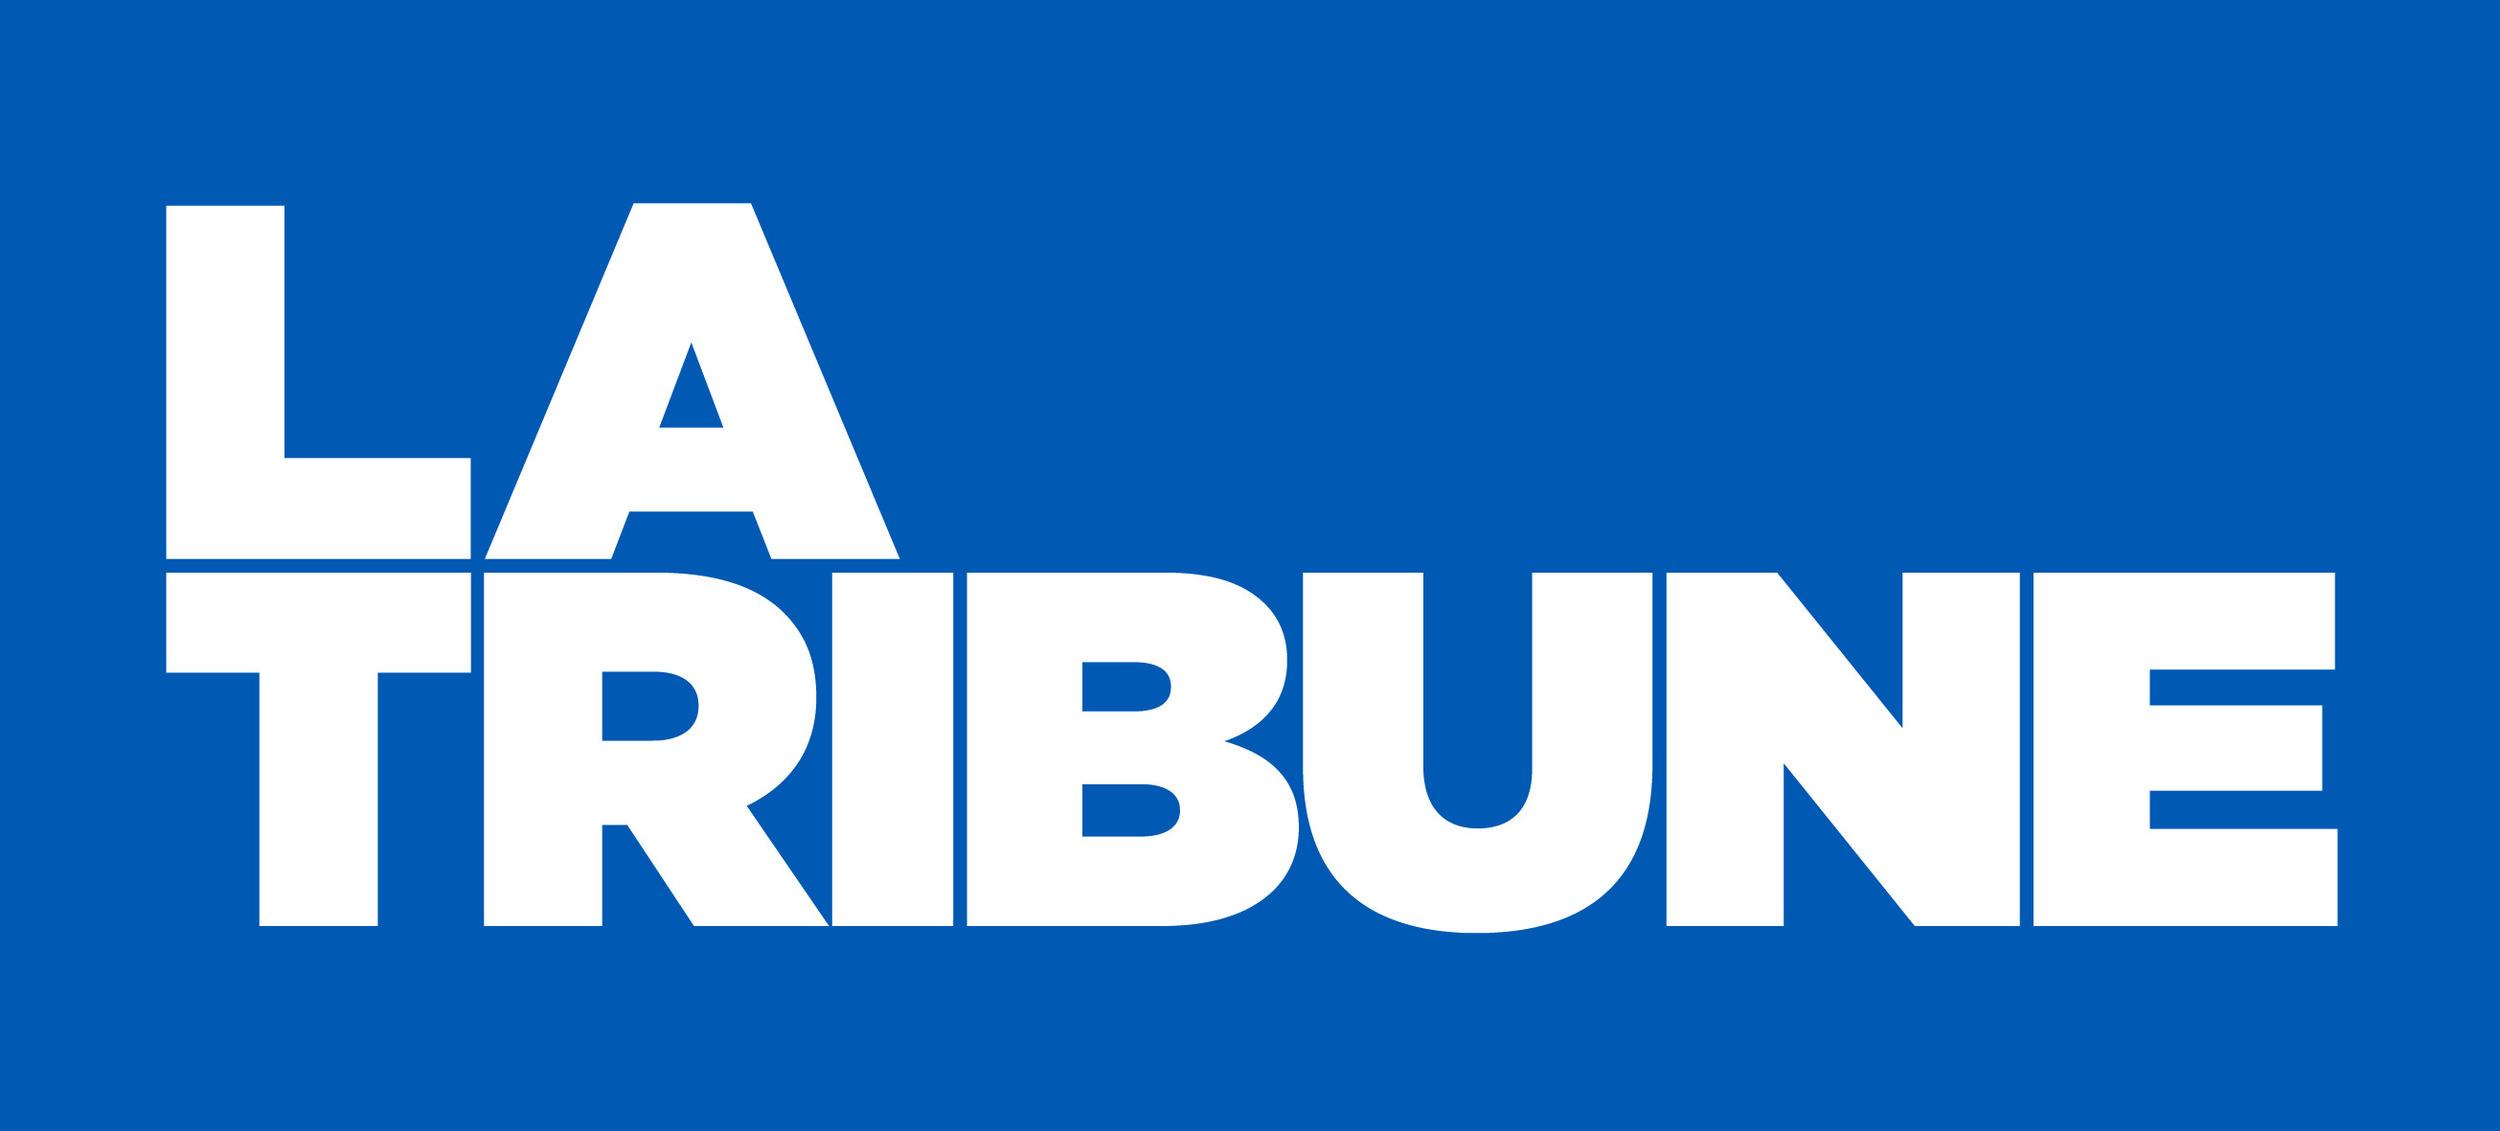 01_LAtribune2_logo.jpg